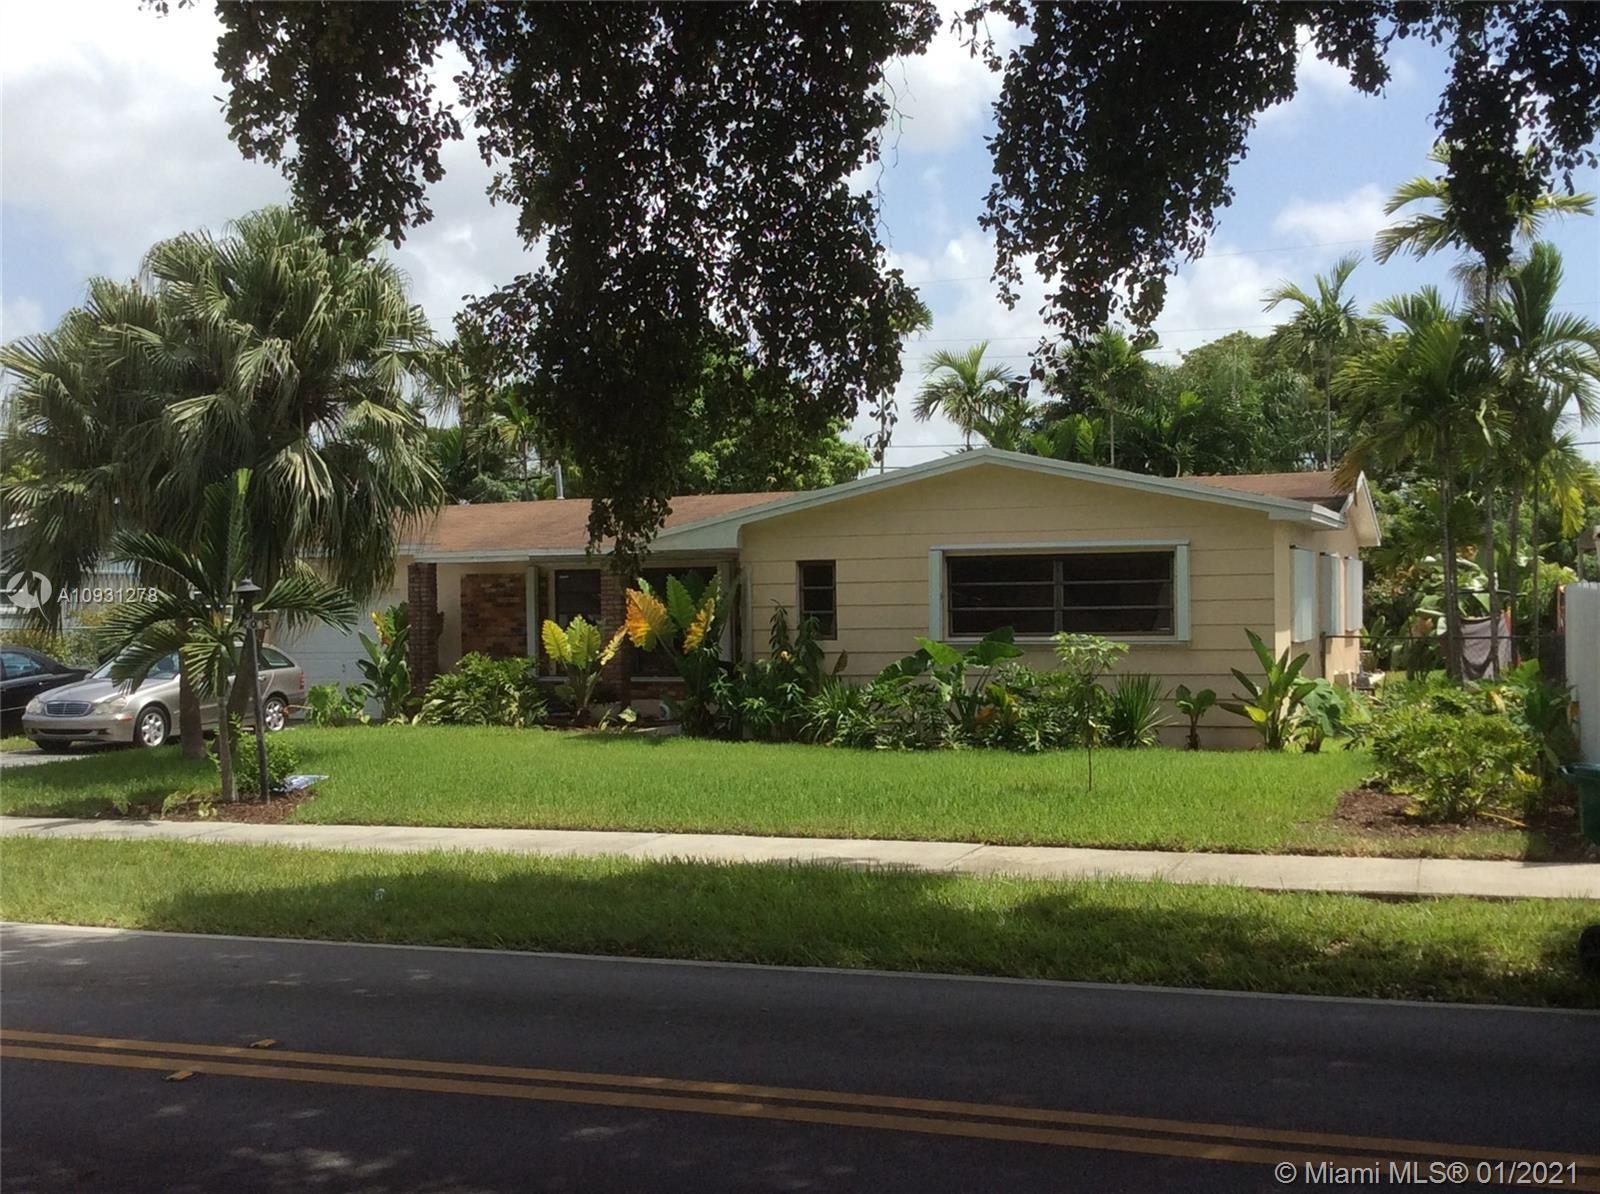 2035 SW 84th Ave, Miami, FL 33155 - #: A10931278